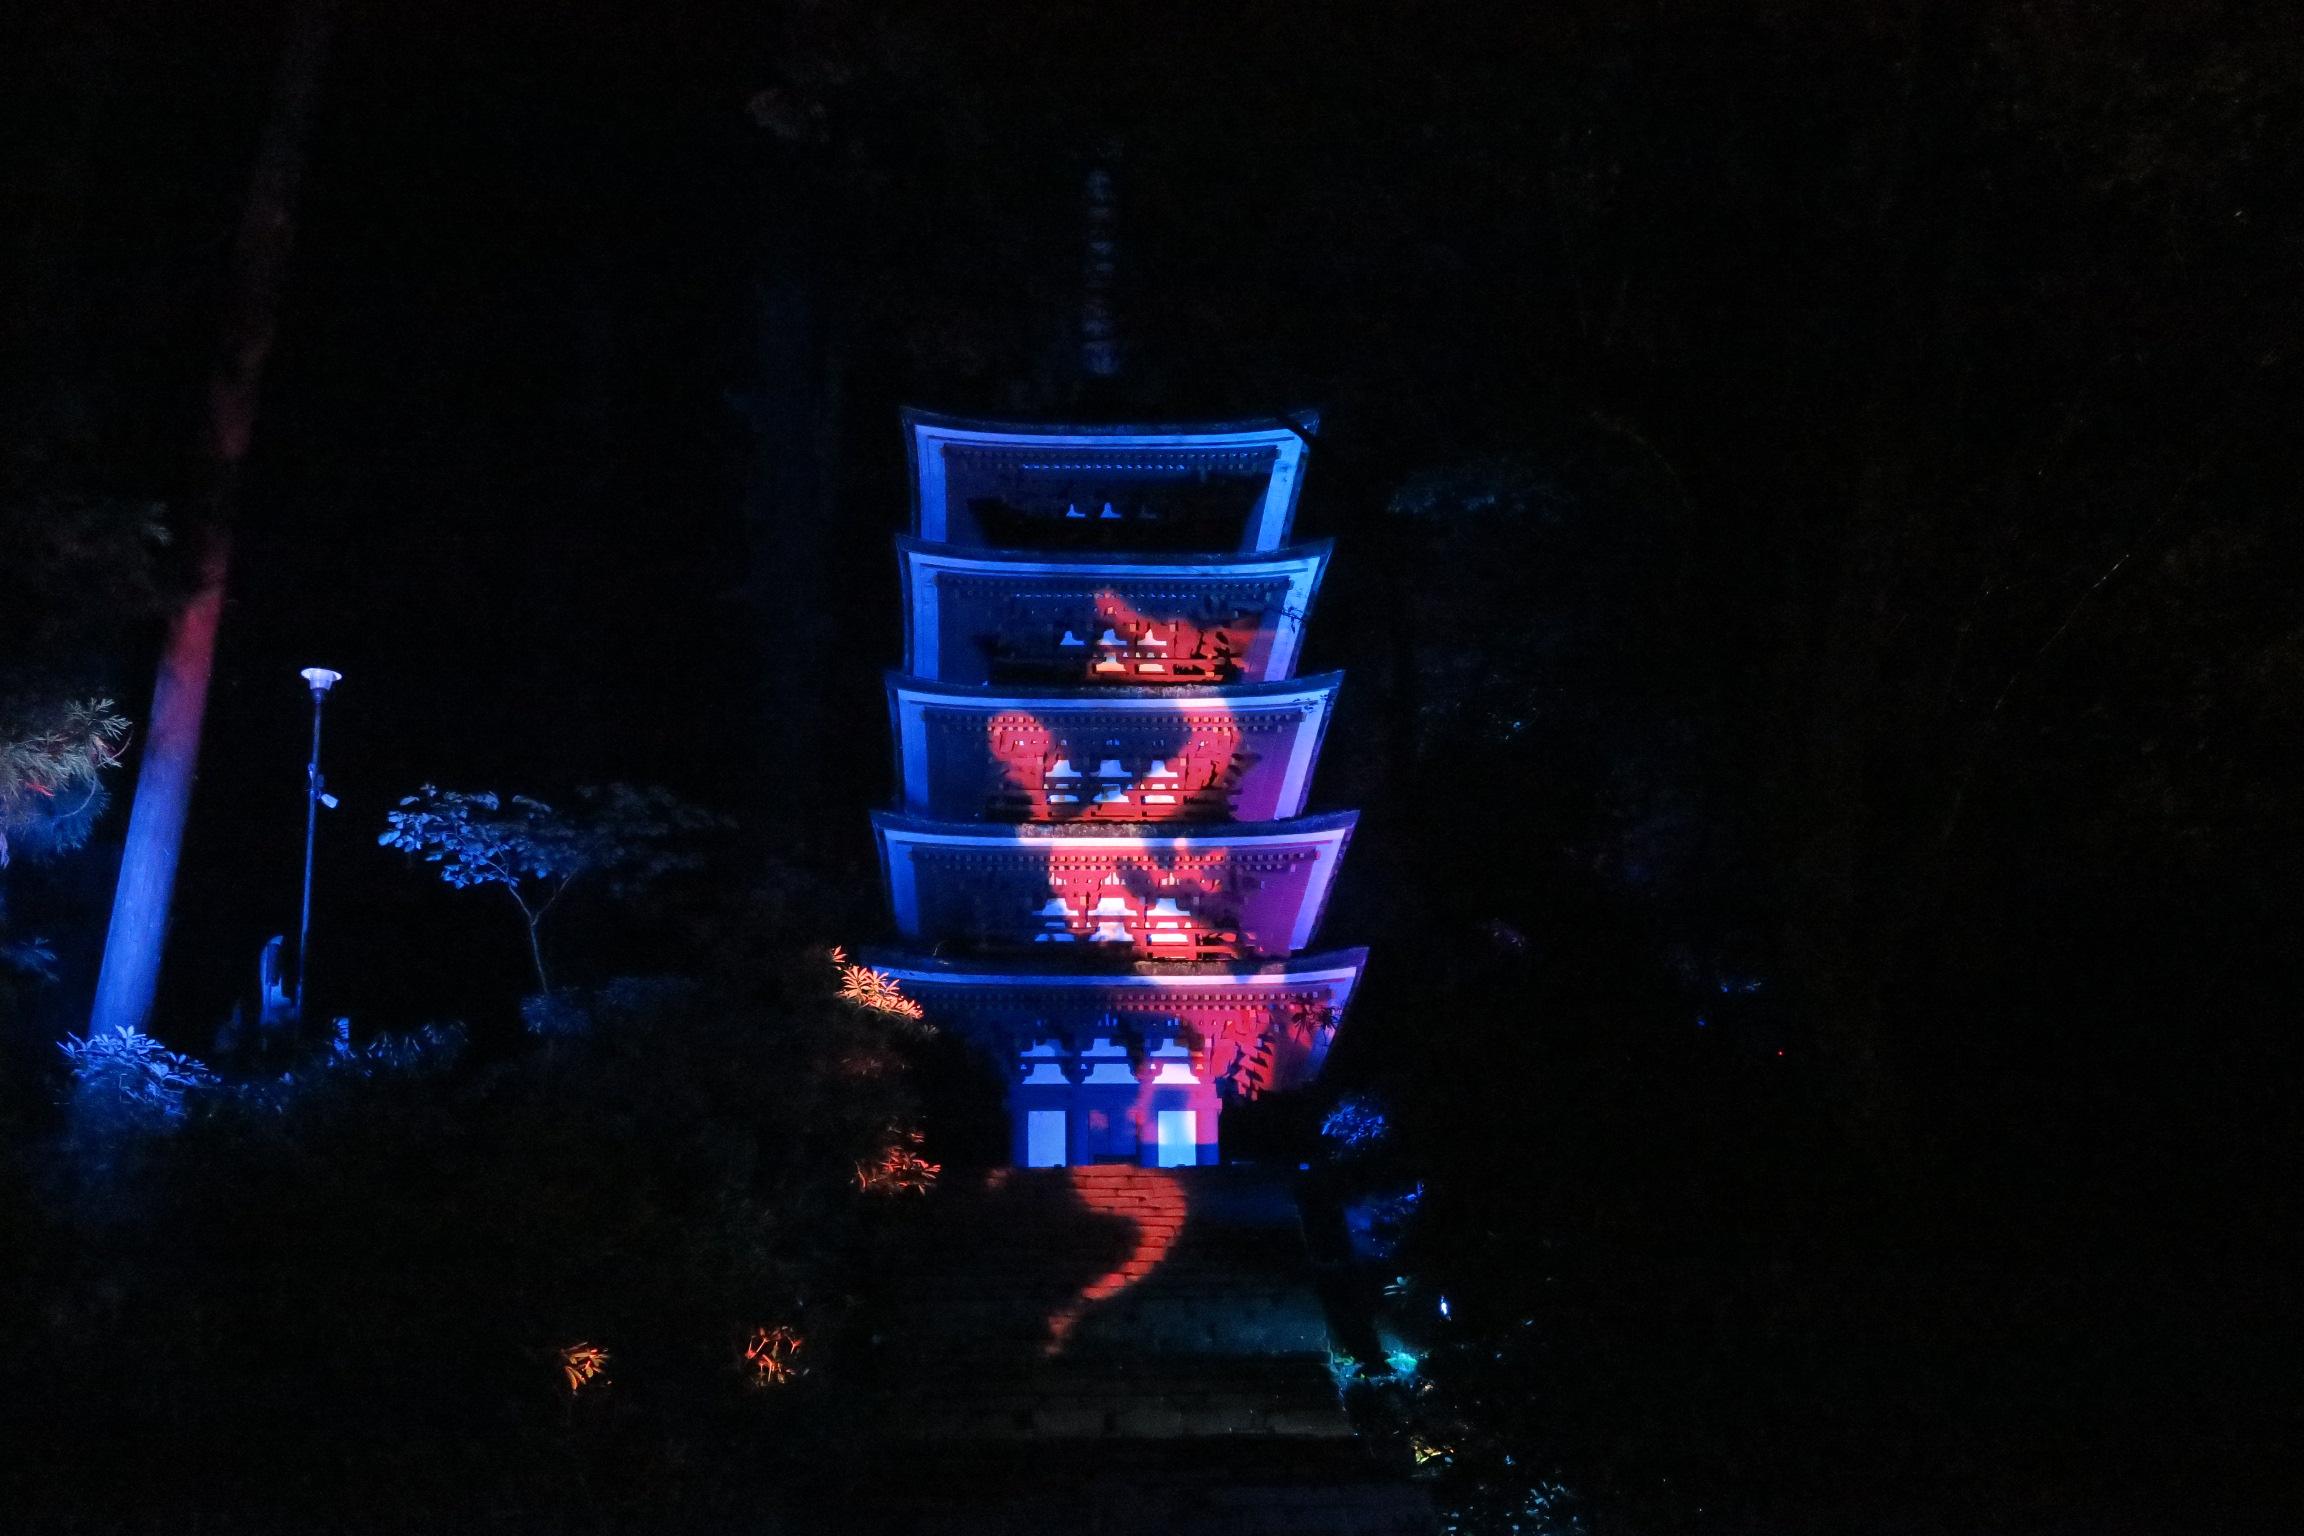 五重塔には登り龍の絵柄がライトアップされていました。